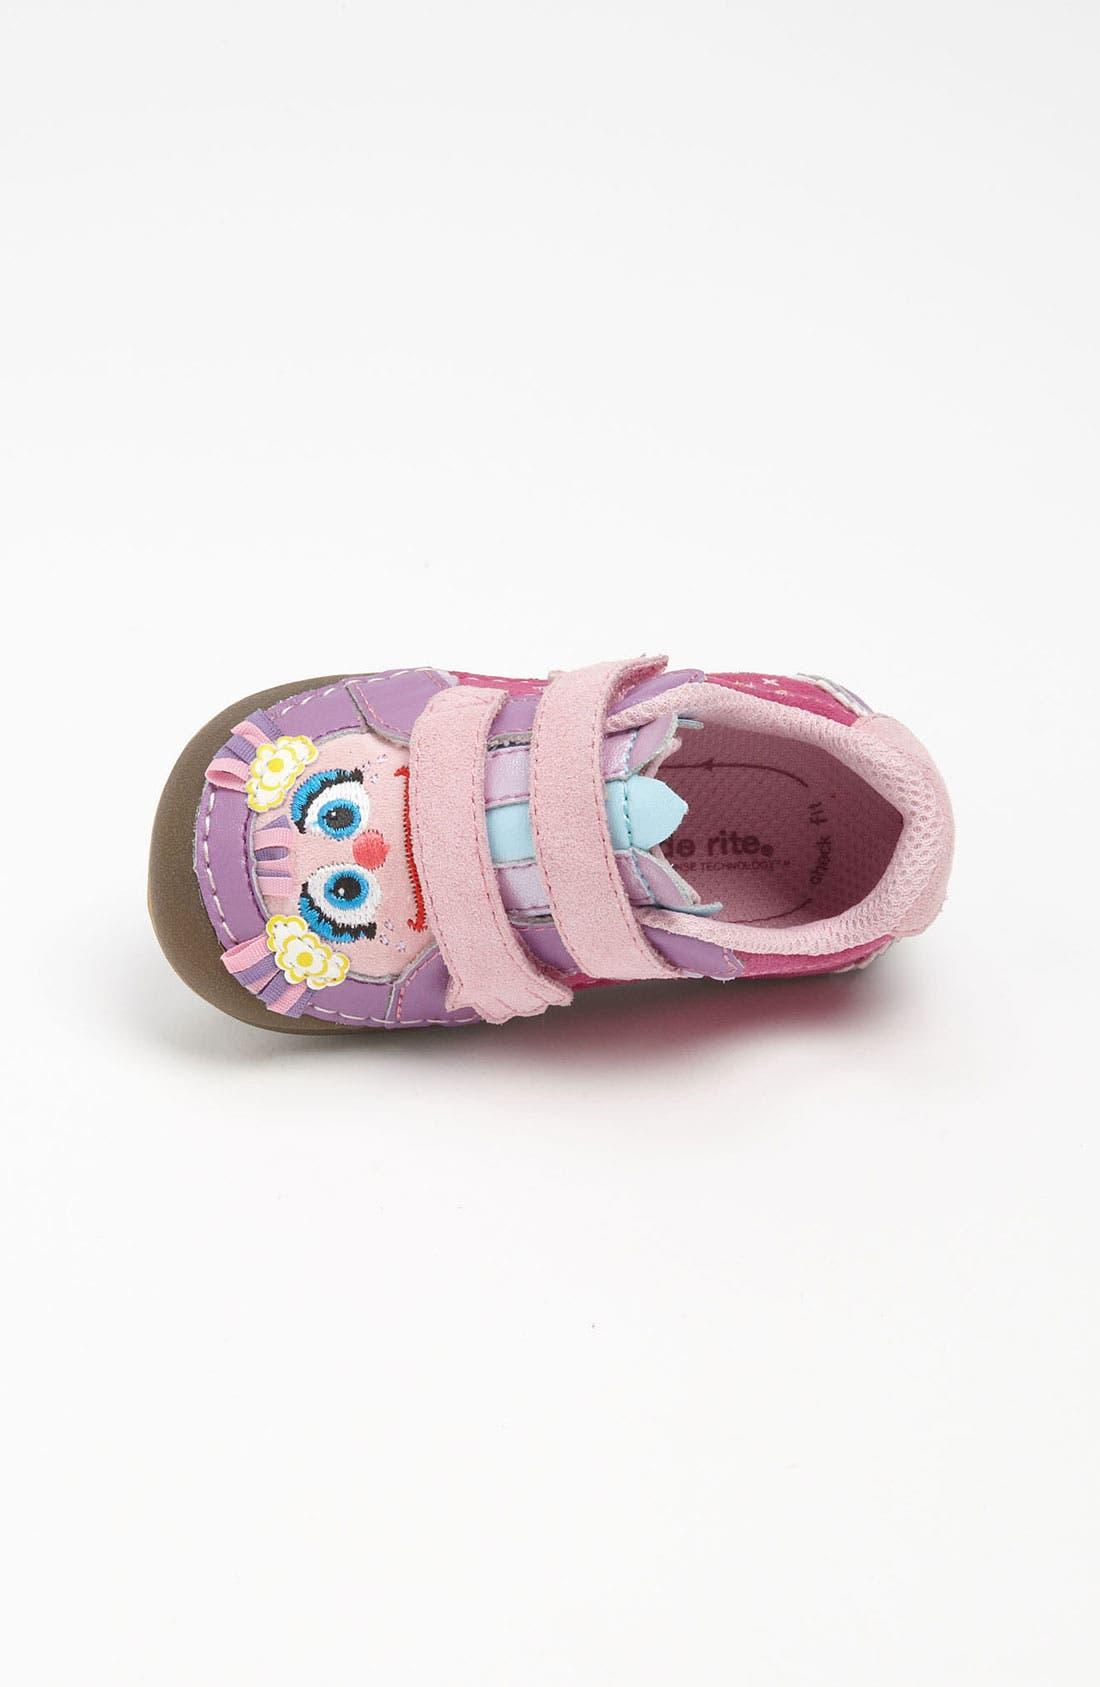 Alternate Image 3  - Stride Rite 'Sesame Street® - Abby Cadaby' Sneaker (Baby & Walker)